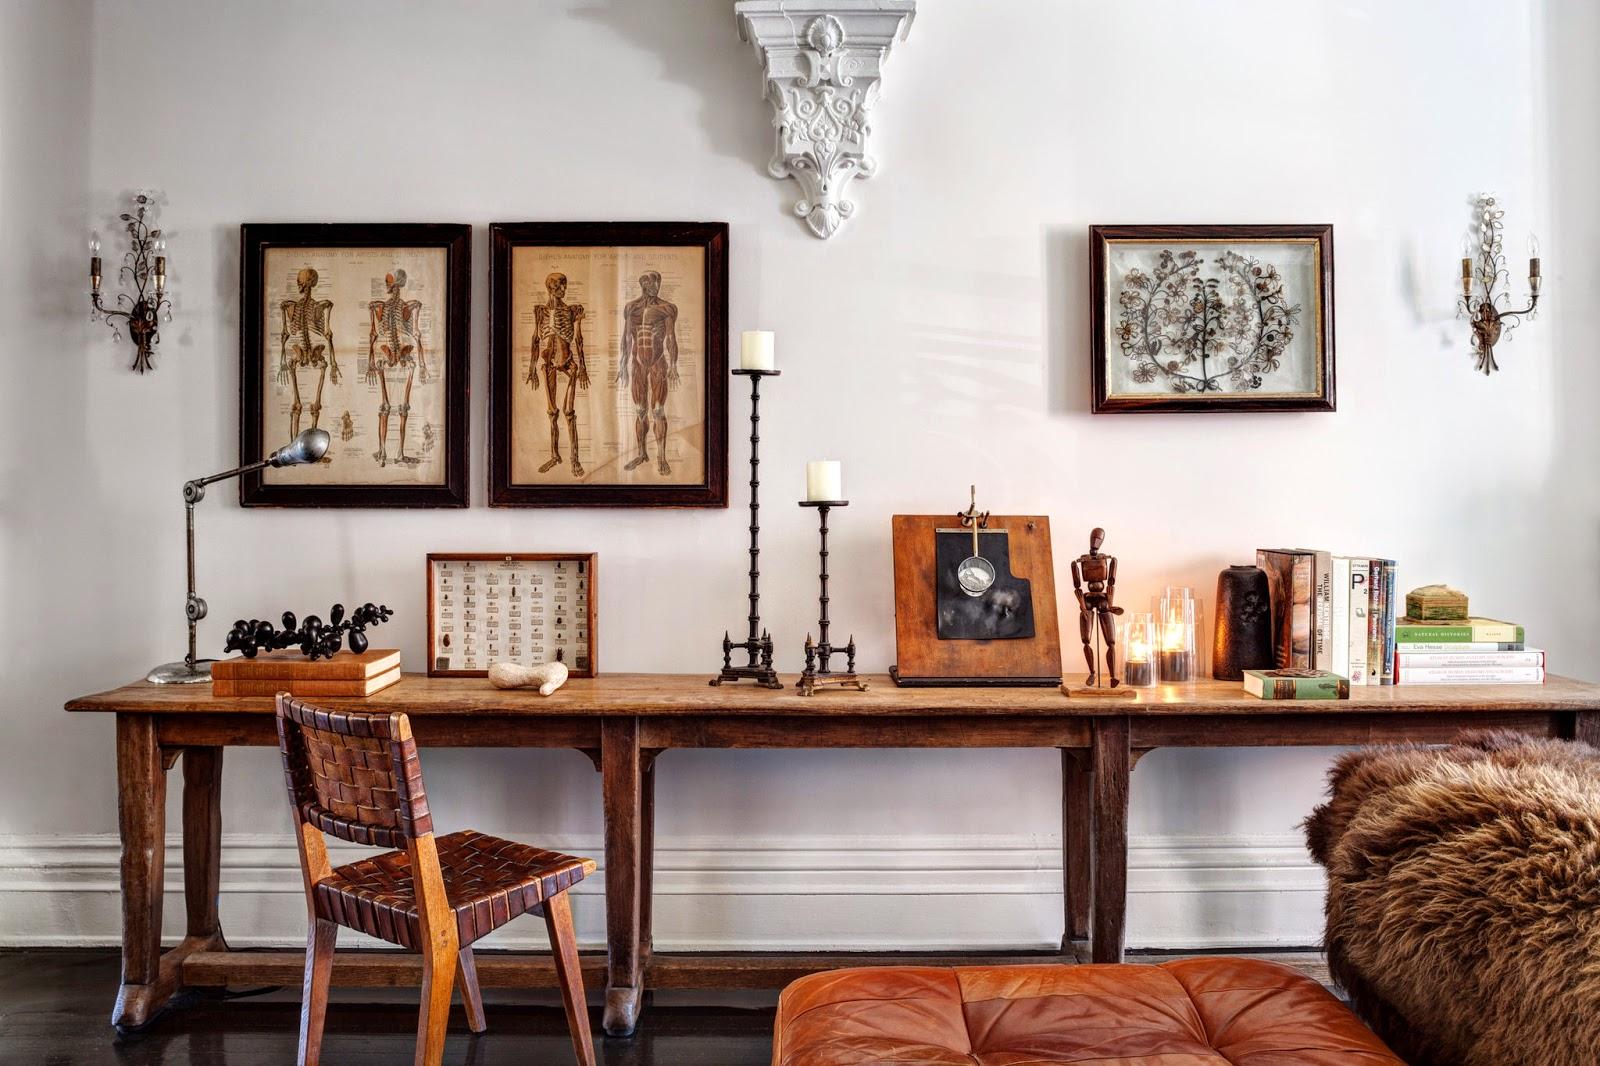 brooklyn-brownstone-great-homes